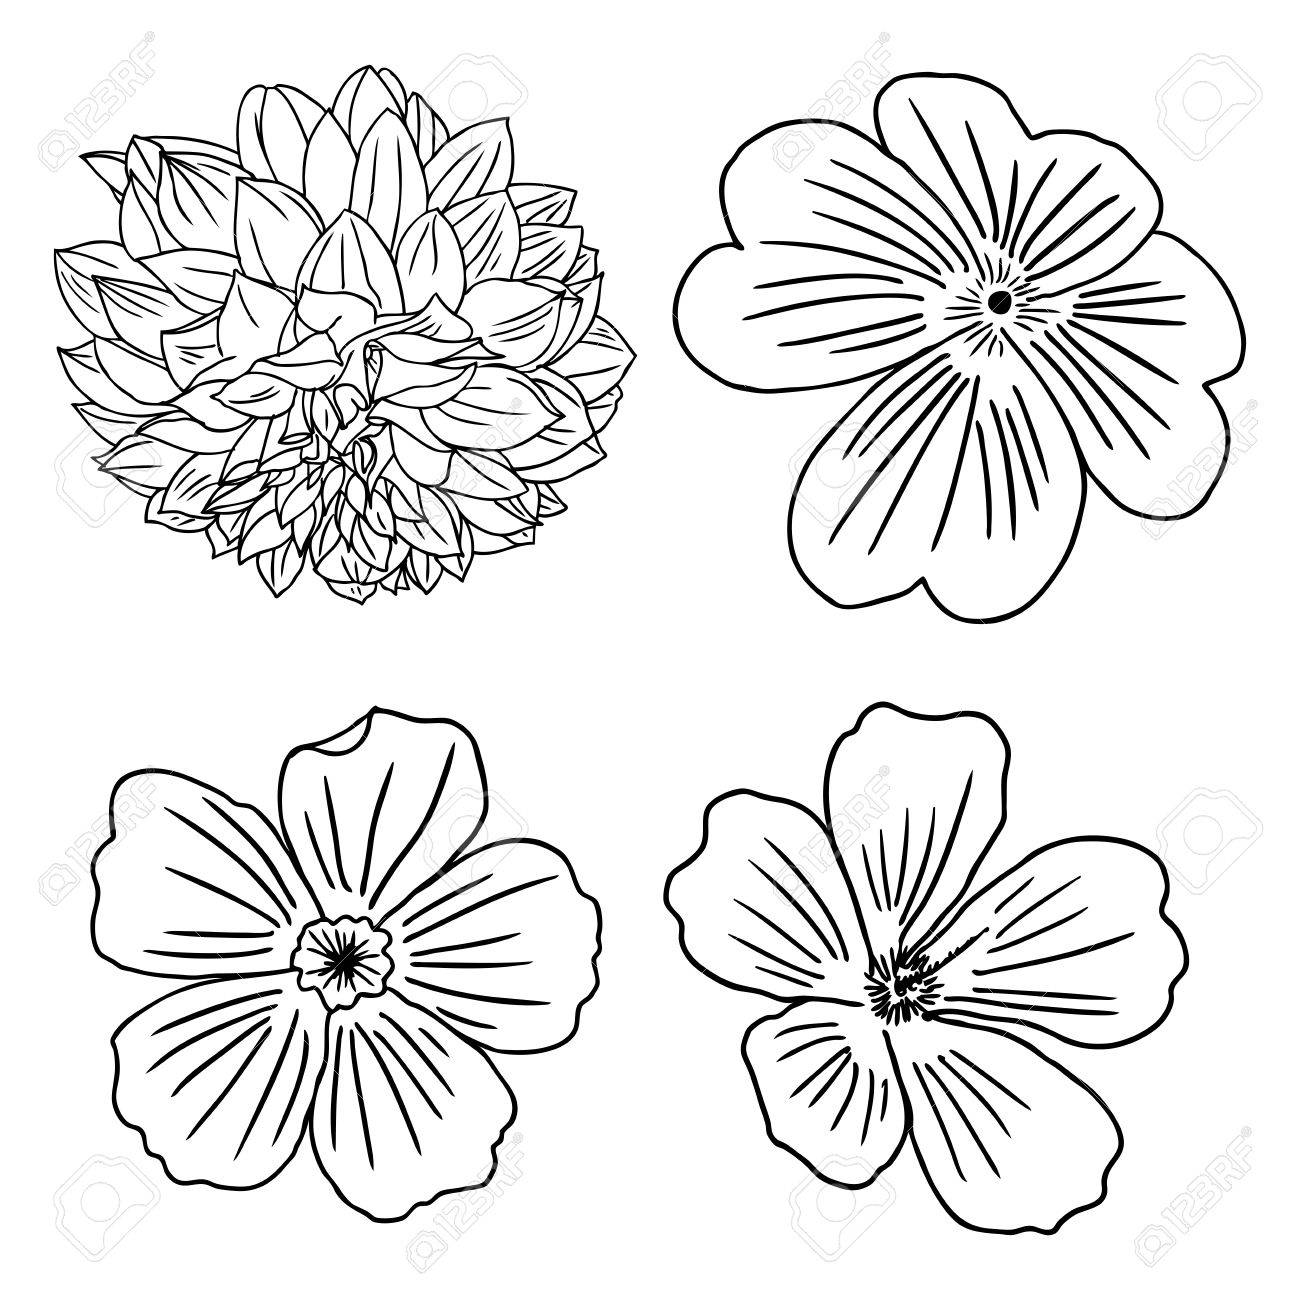 Satz Blumen Schwarz Weiss Floral Set Sammlung Von Hand Gezeichnet